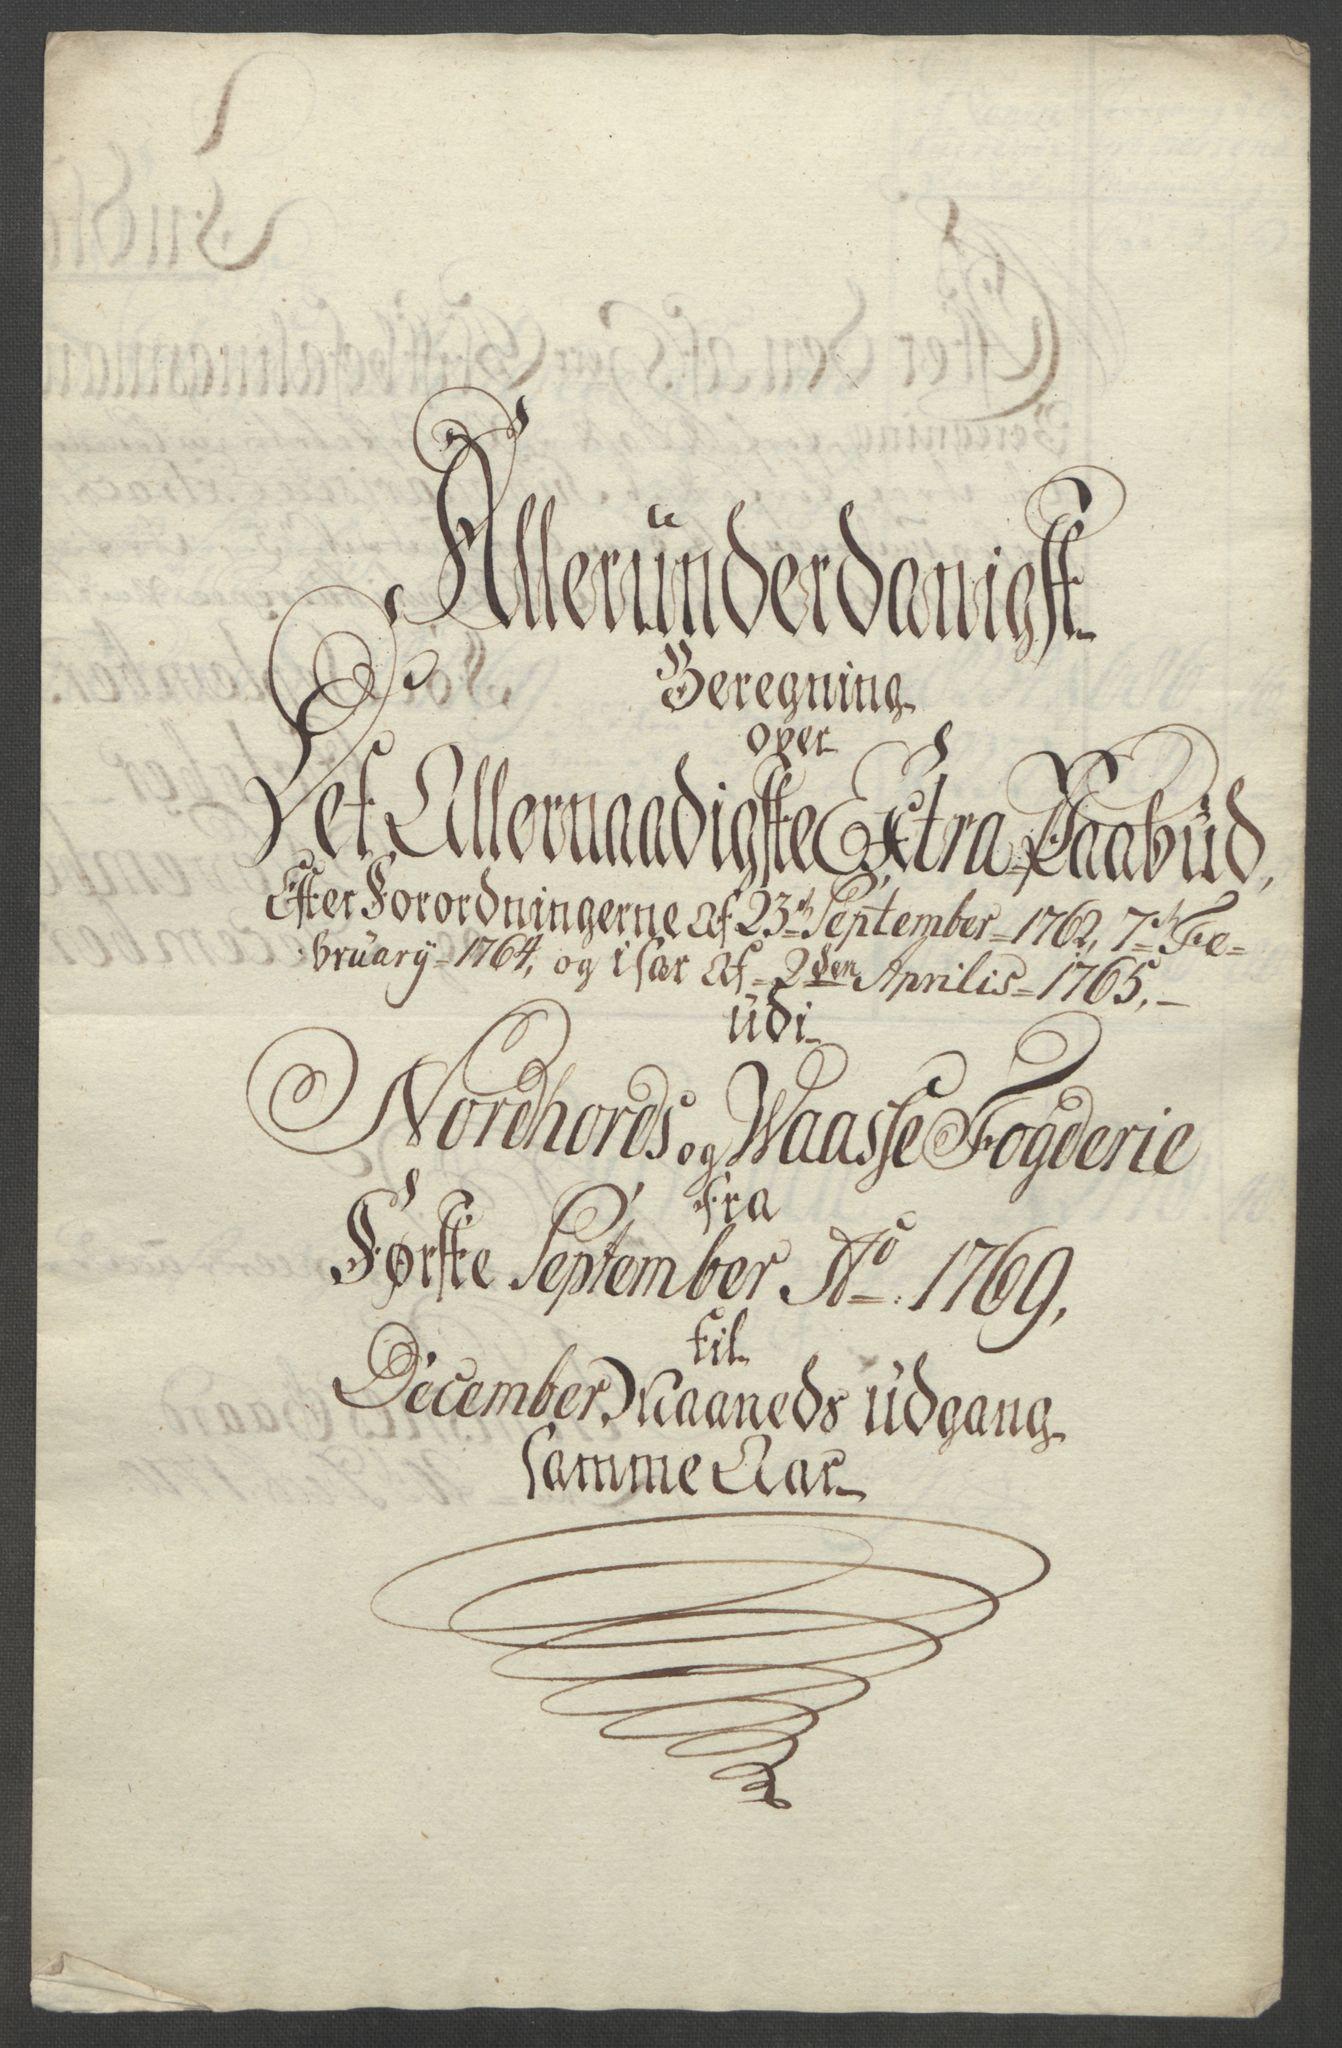 RA, Rentekammeret inntil 1814, Reviderte regnskaper, Fogderegnskap, R51/L3303: Ekstraskatten Nordhordland og Voss, 1762-1772, s. 355